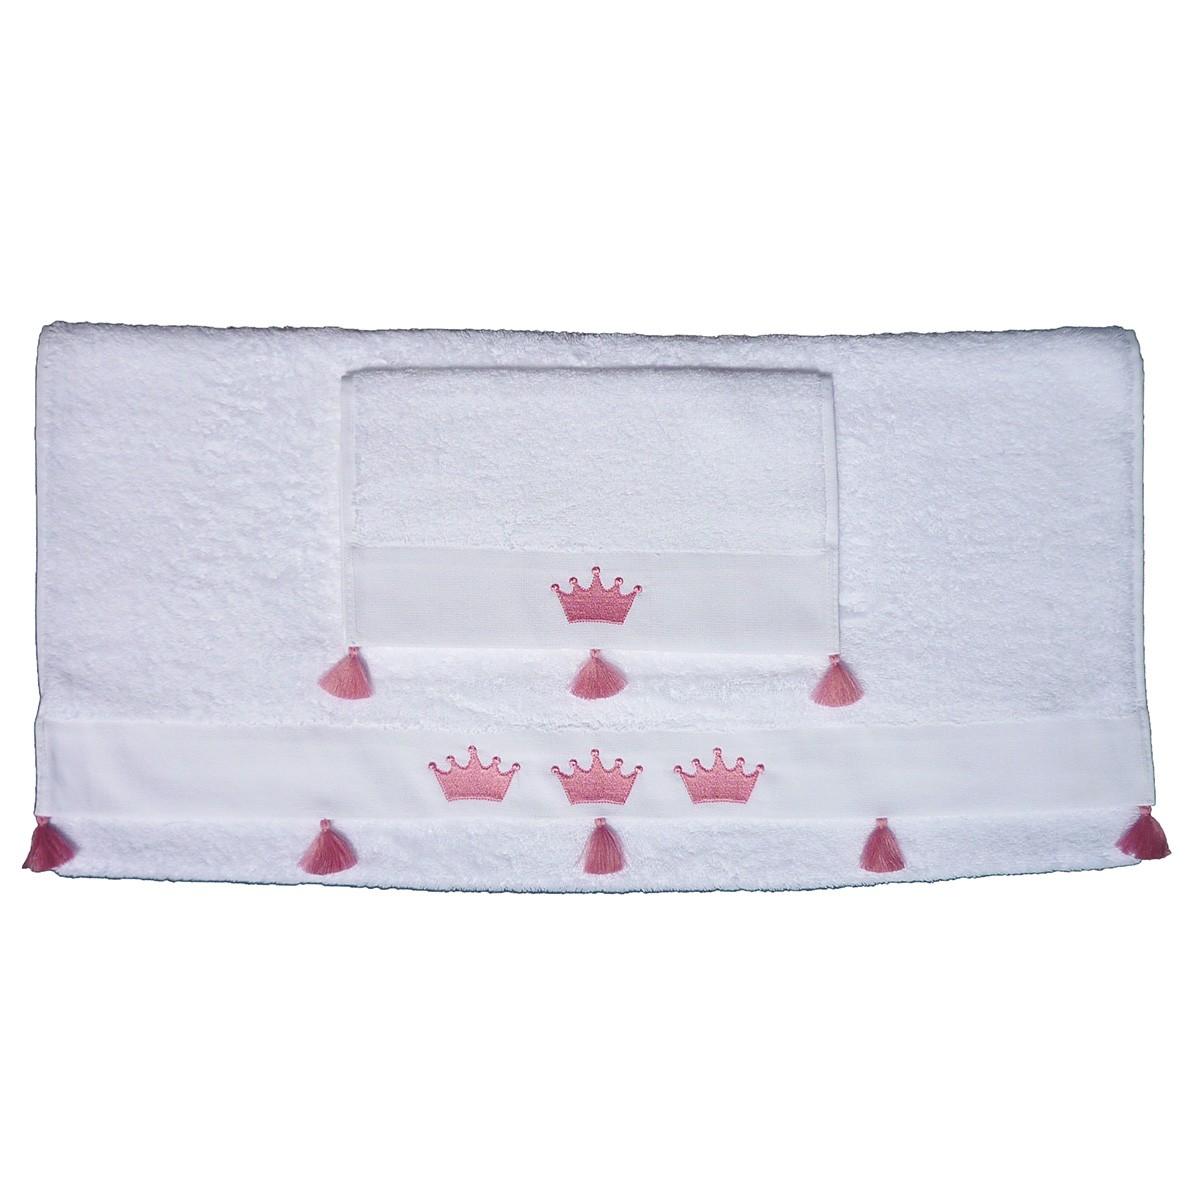 Βρεφικές Πετσέτες (Σετ 2τμχ) Morven Princess Pink 1809/04